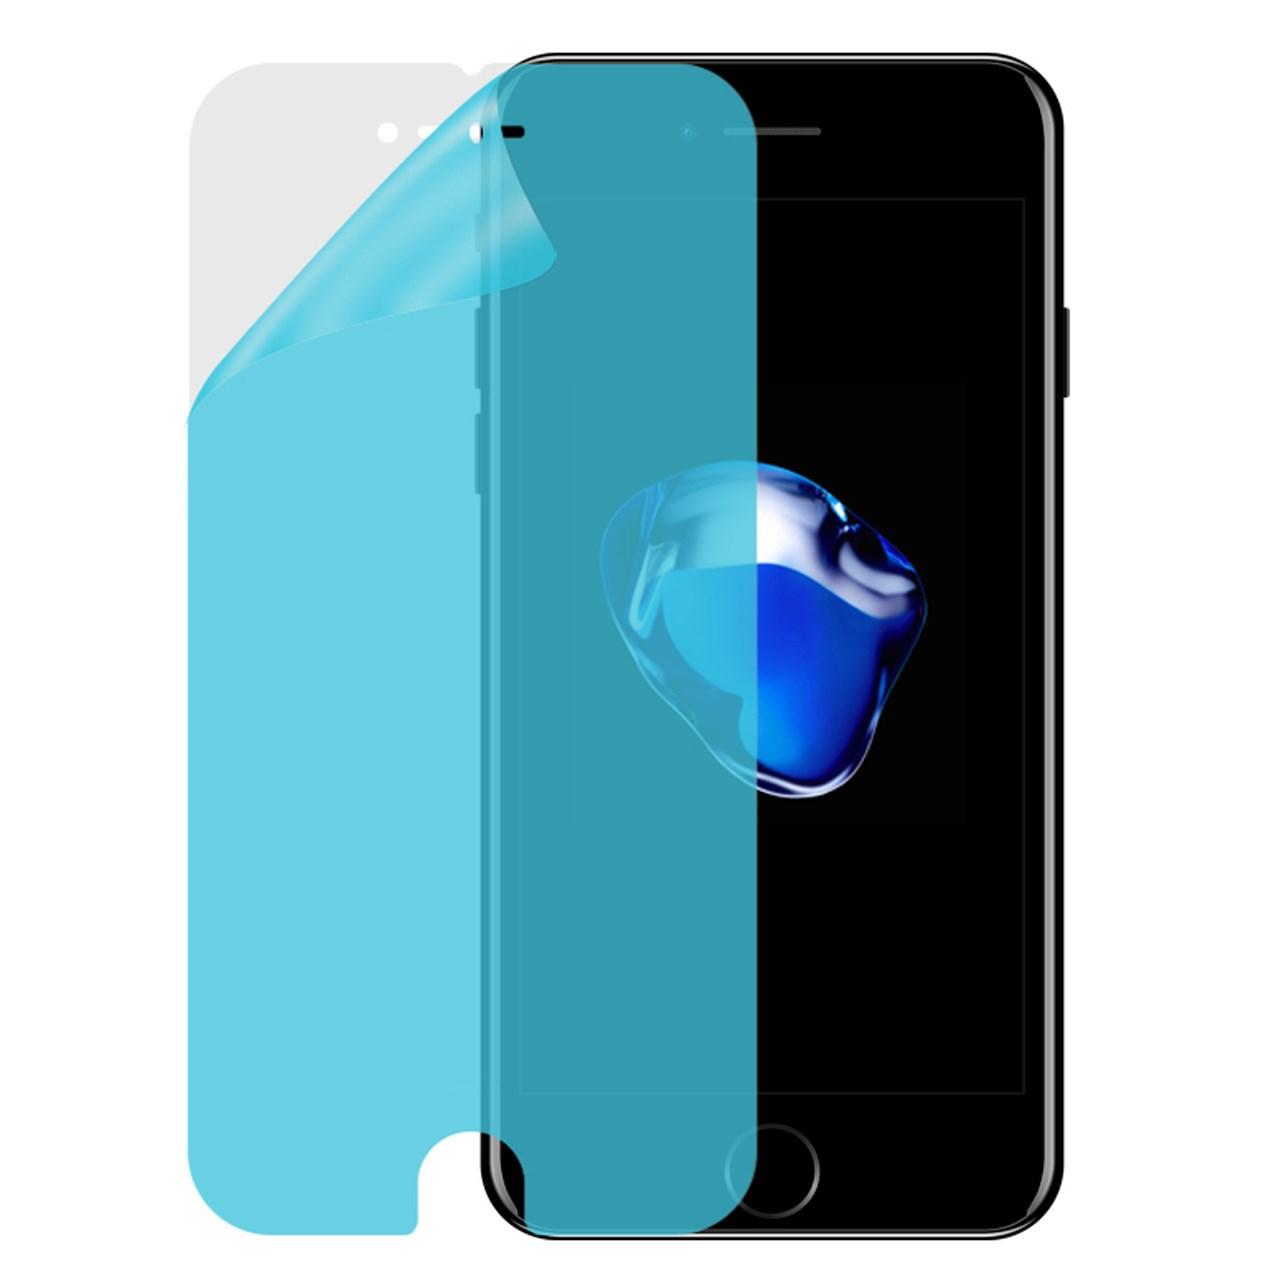 محافظ صفحه نمایش تی پی یو نانو مدل TPU Full Coverبرای گوشی موبایل اپل آیفون 6/6S